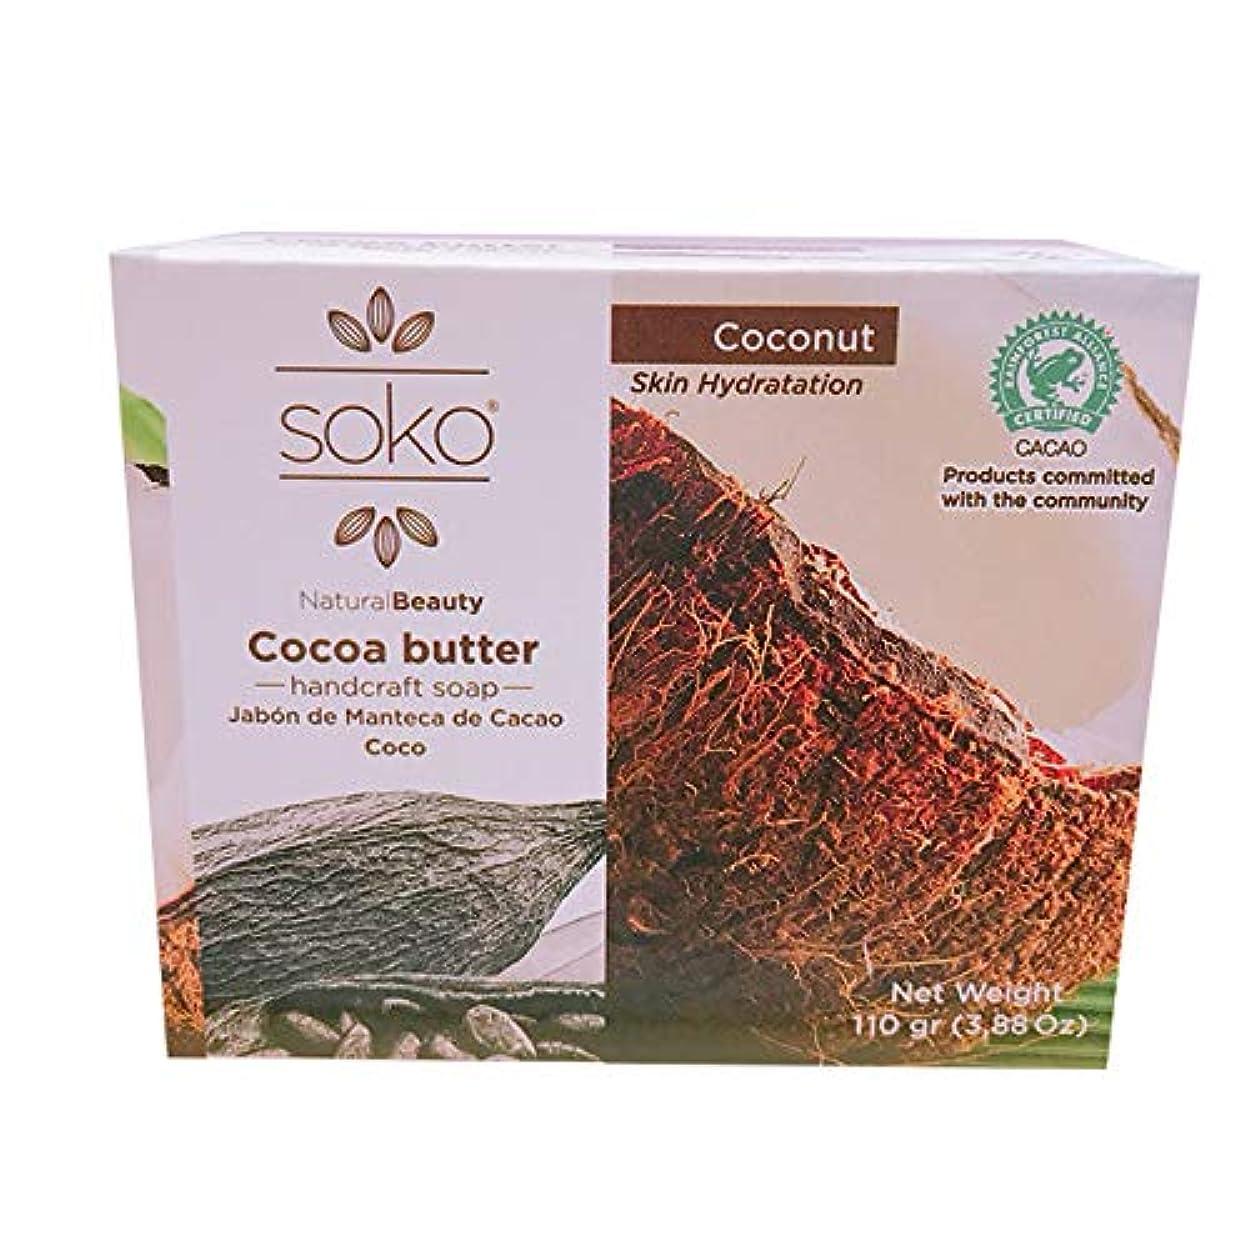 予防接種放棄された細菌SOKOカカオバターナチュラル石鹸(ココナッツ)